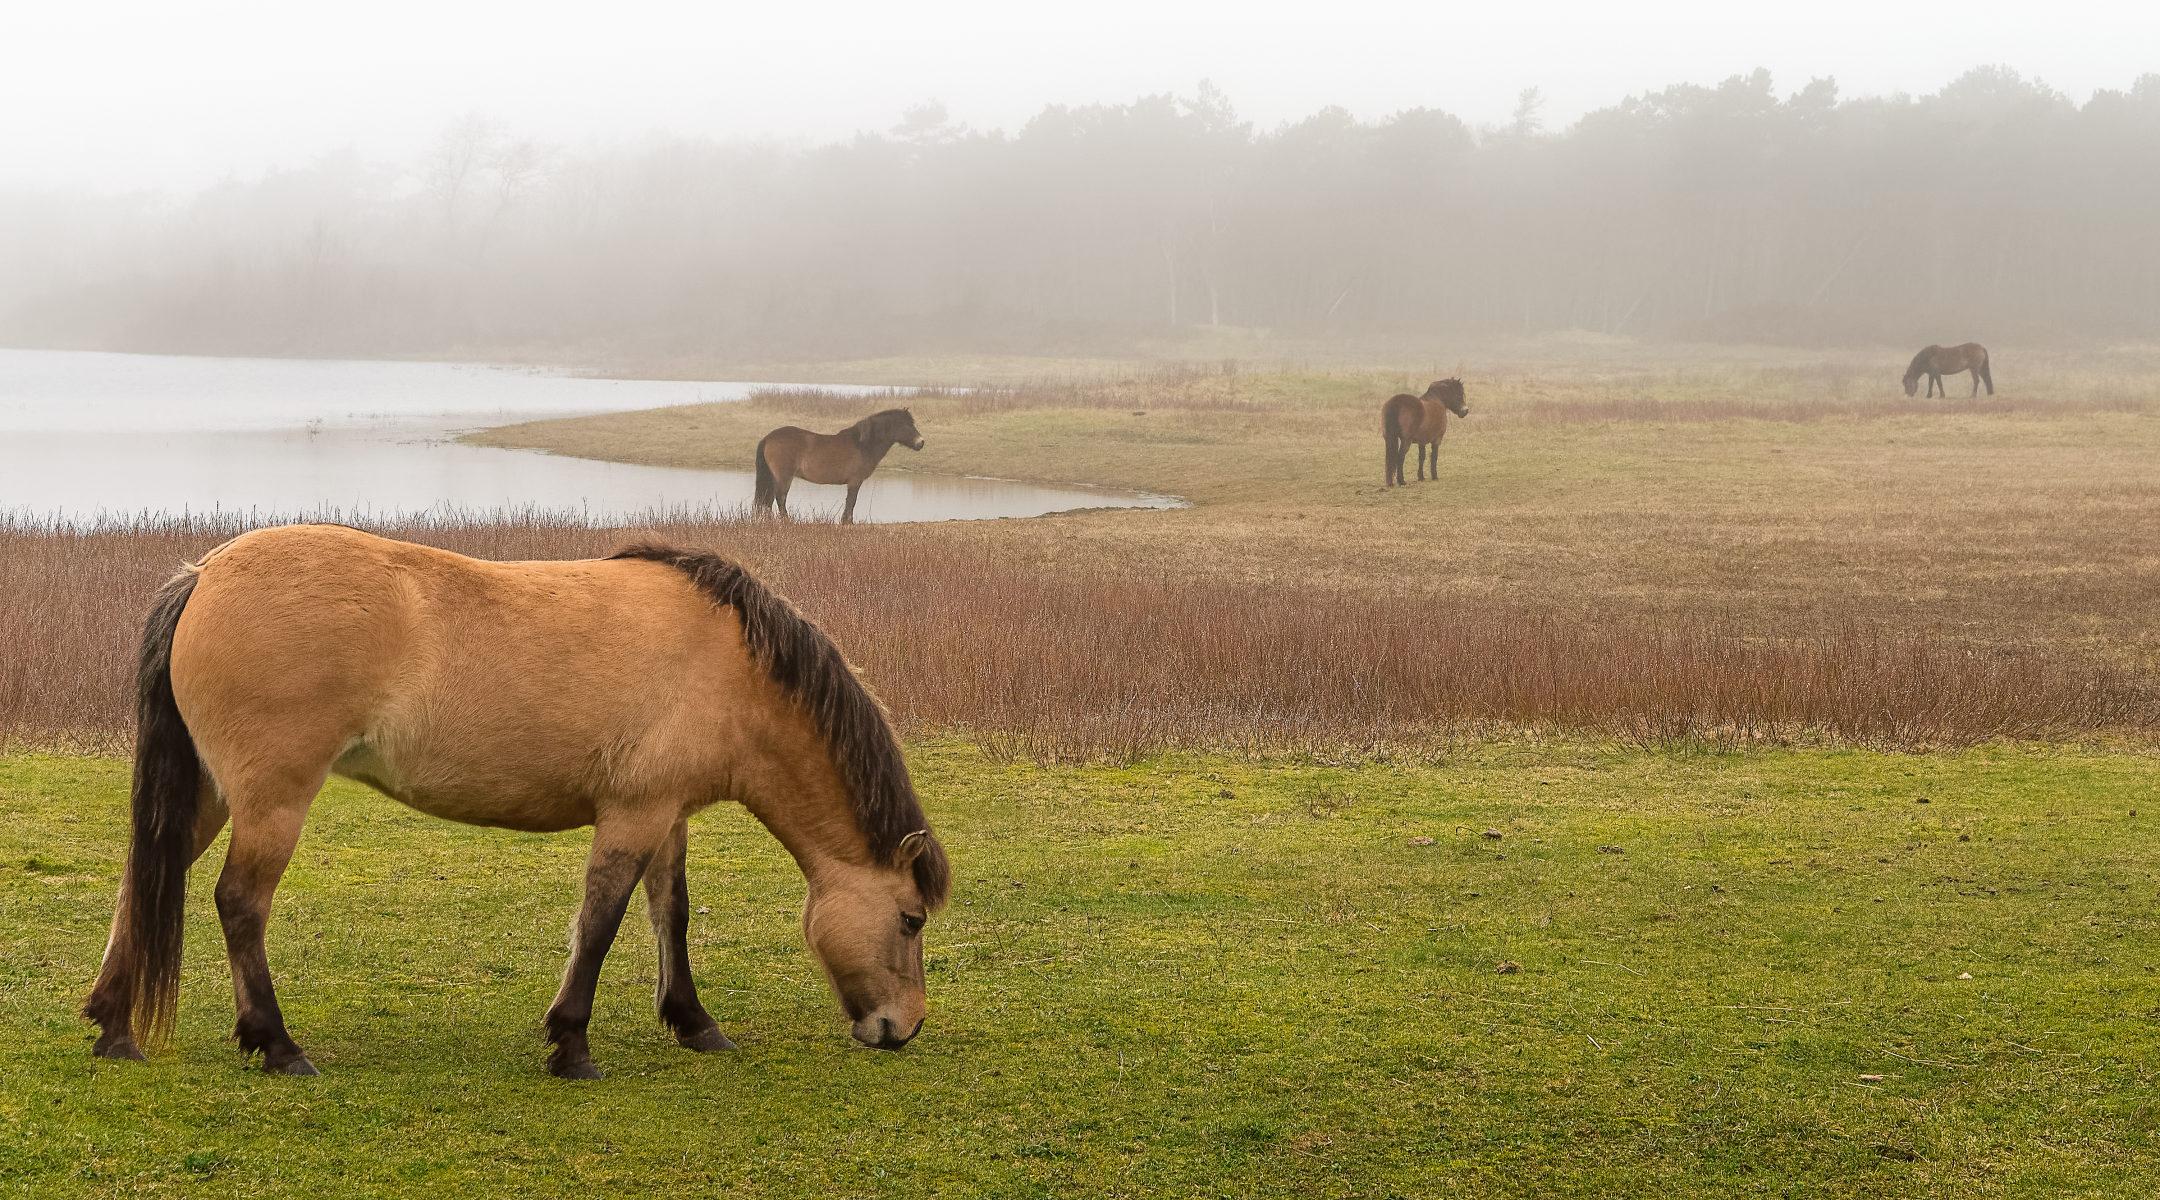 horses grazing in a misty meadow